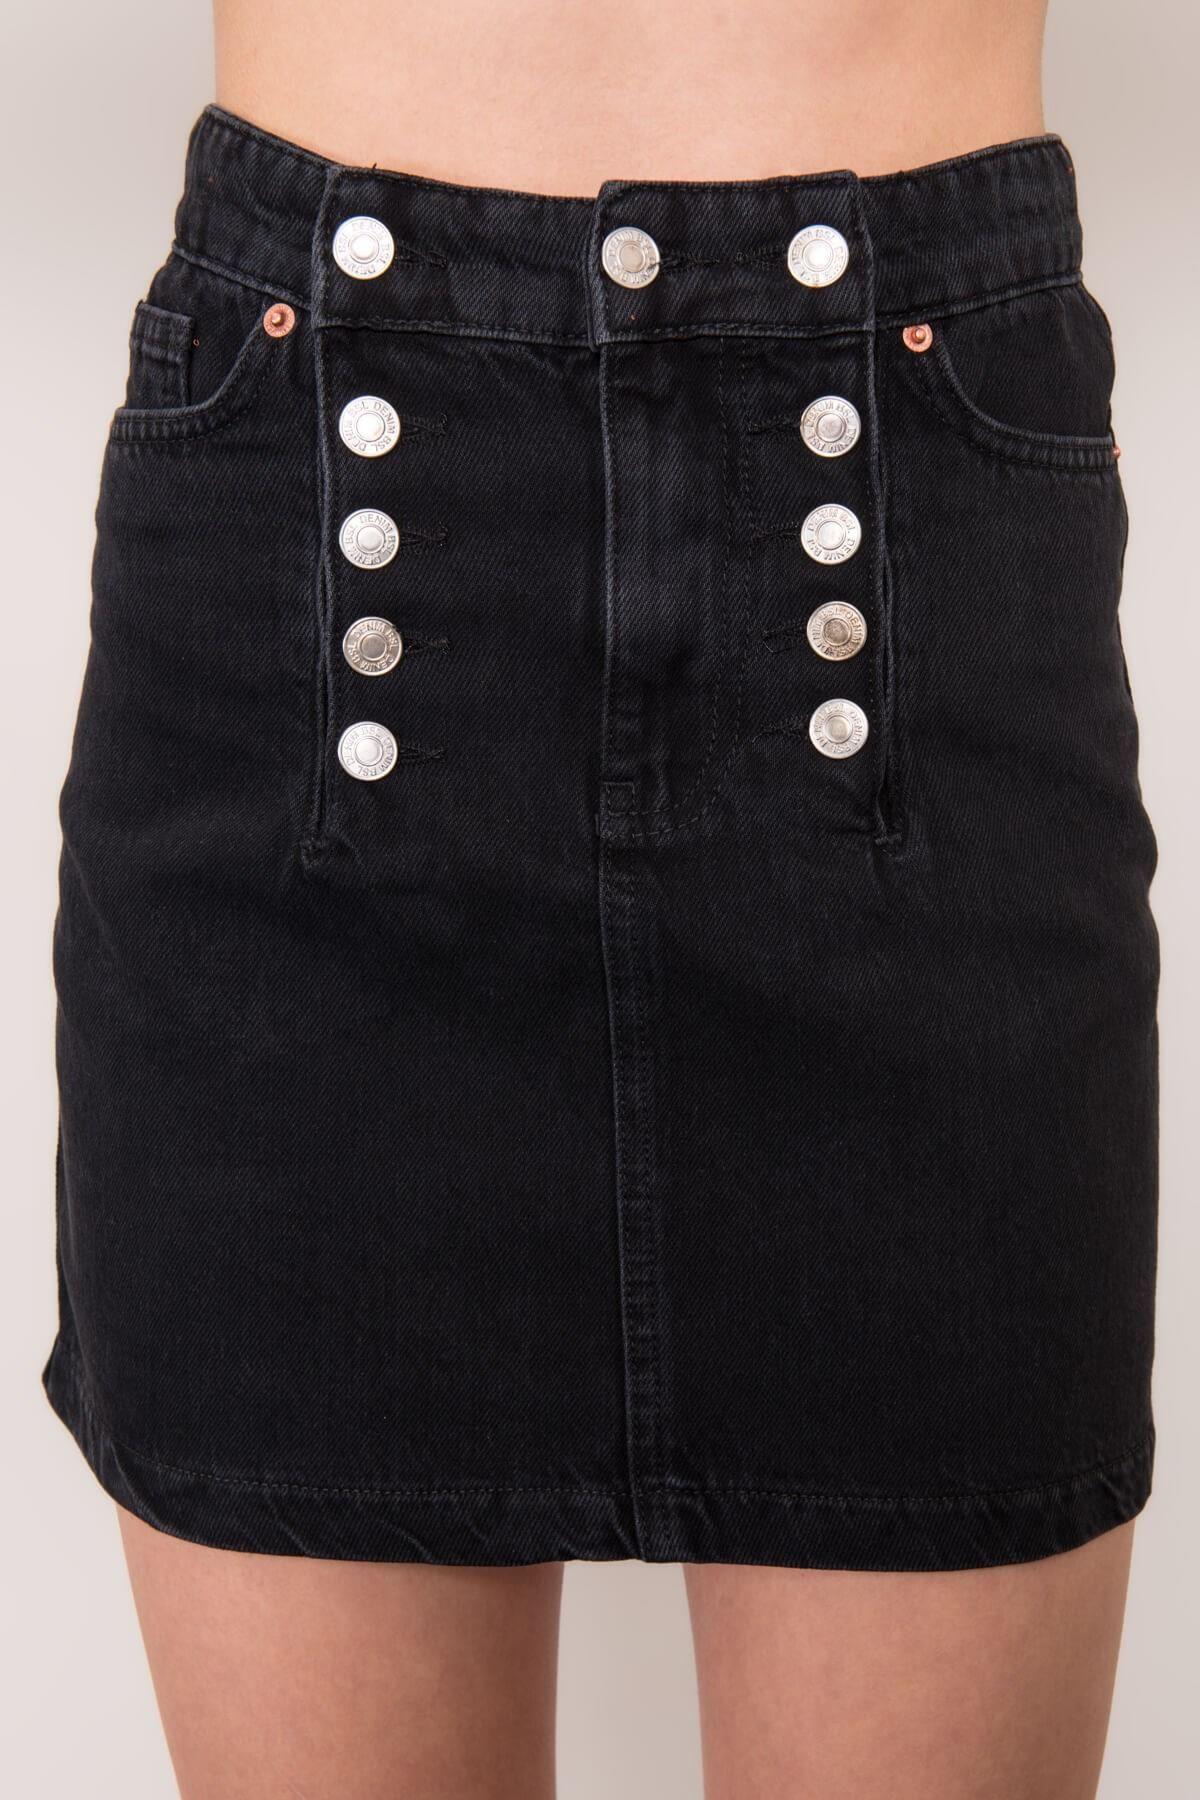 Čierna džínsová sukňa s ozdobnými gombíkmi - L